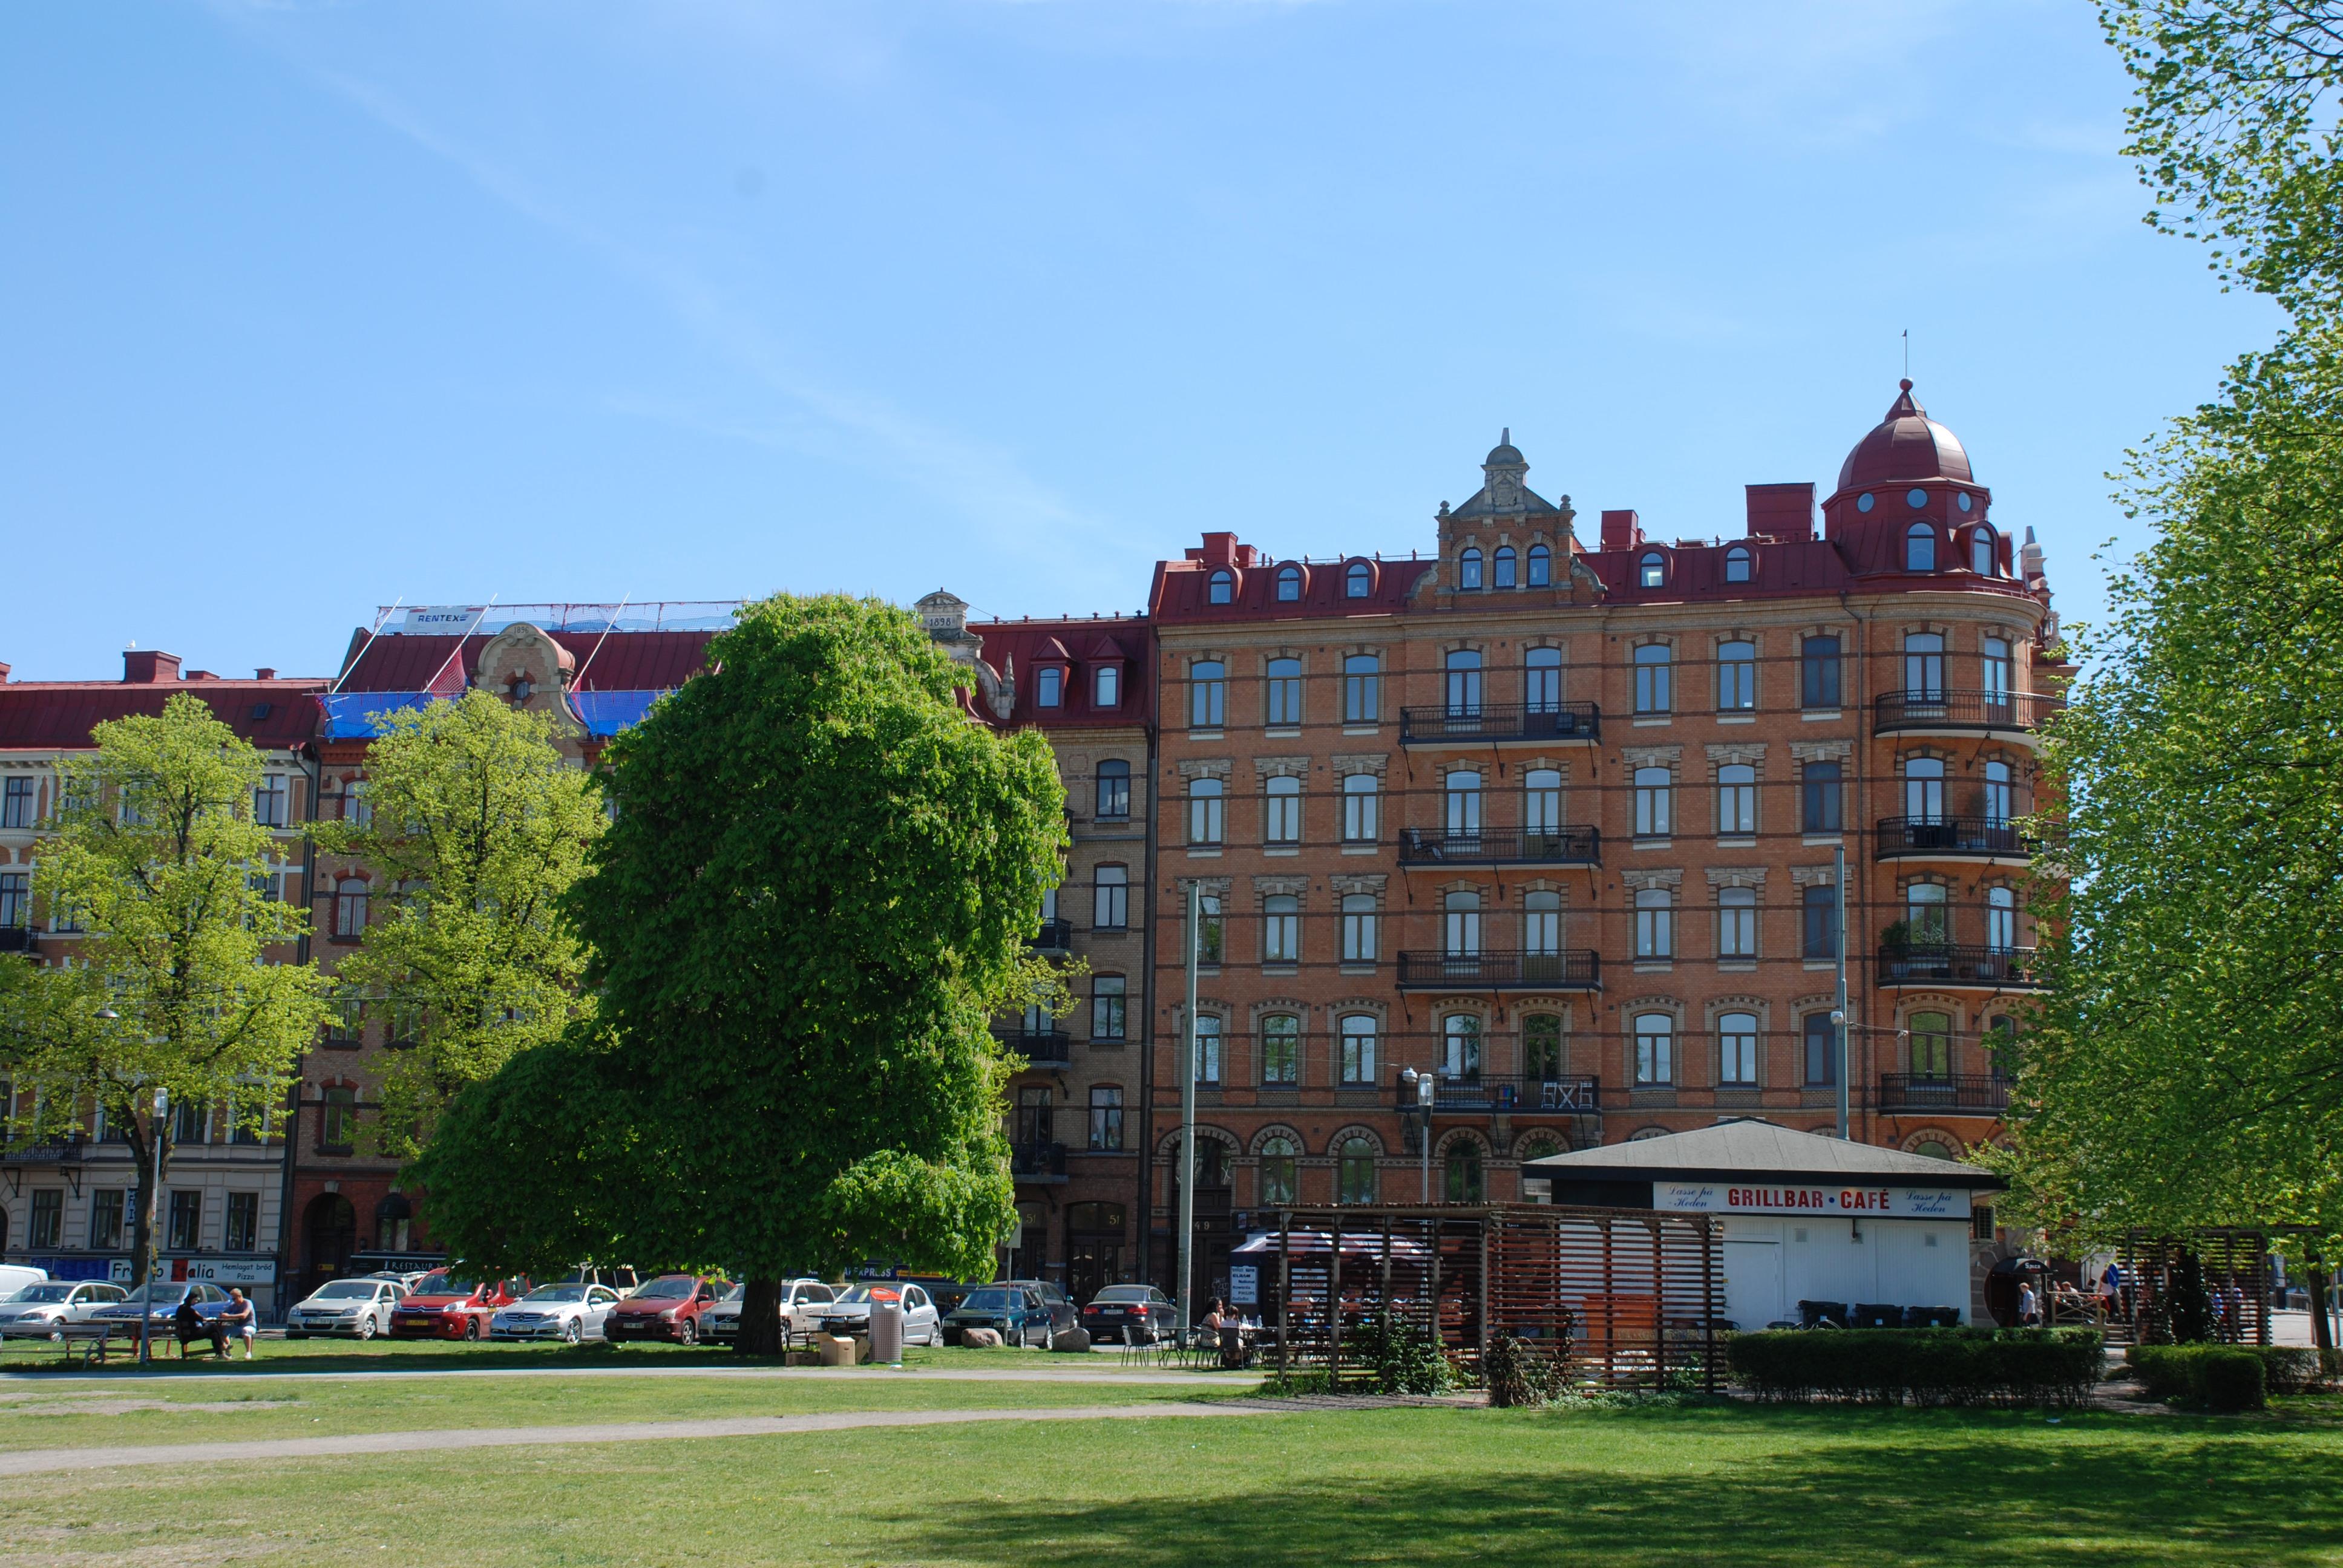 Heden Goteborg Karta.Heden Goteborg Wikipedia